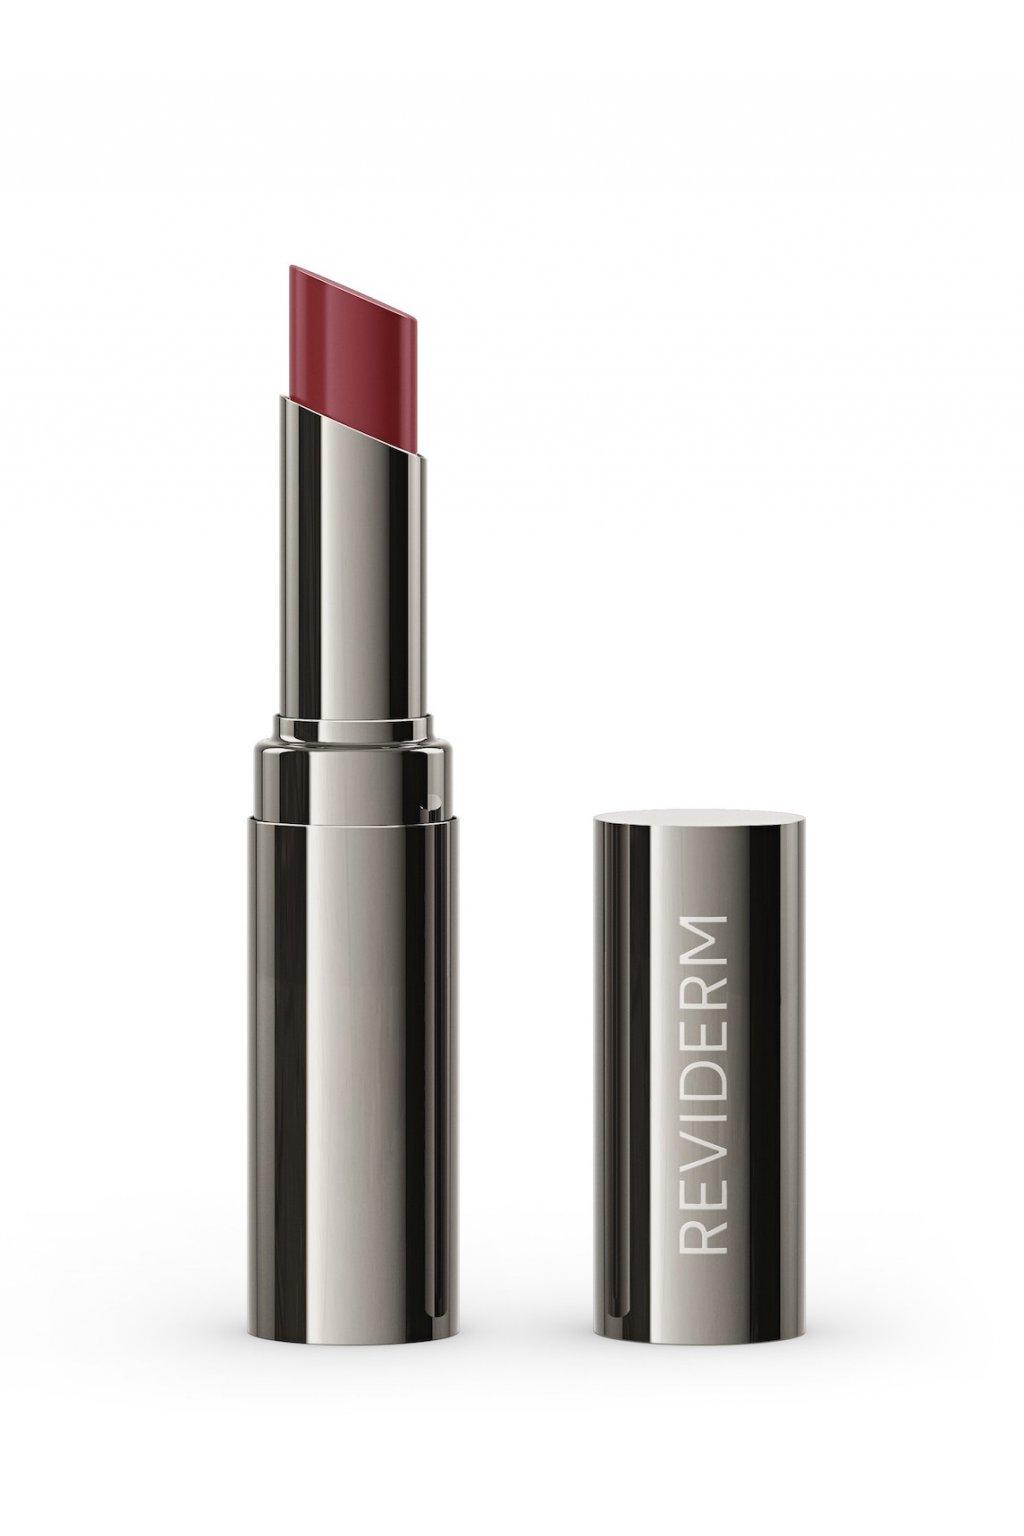 35404 mineral glow lips 1W shiny rubine